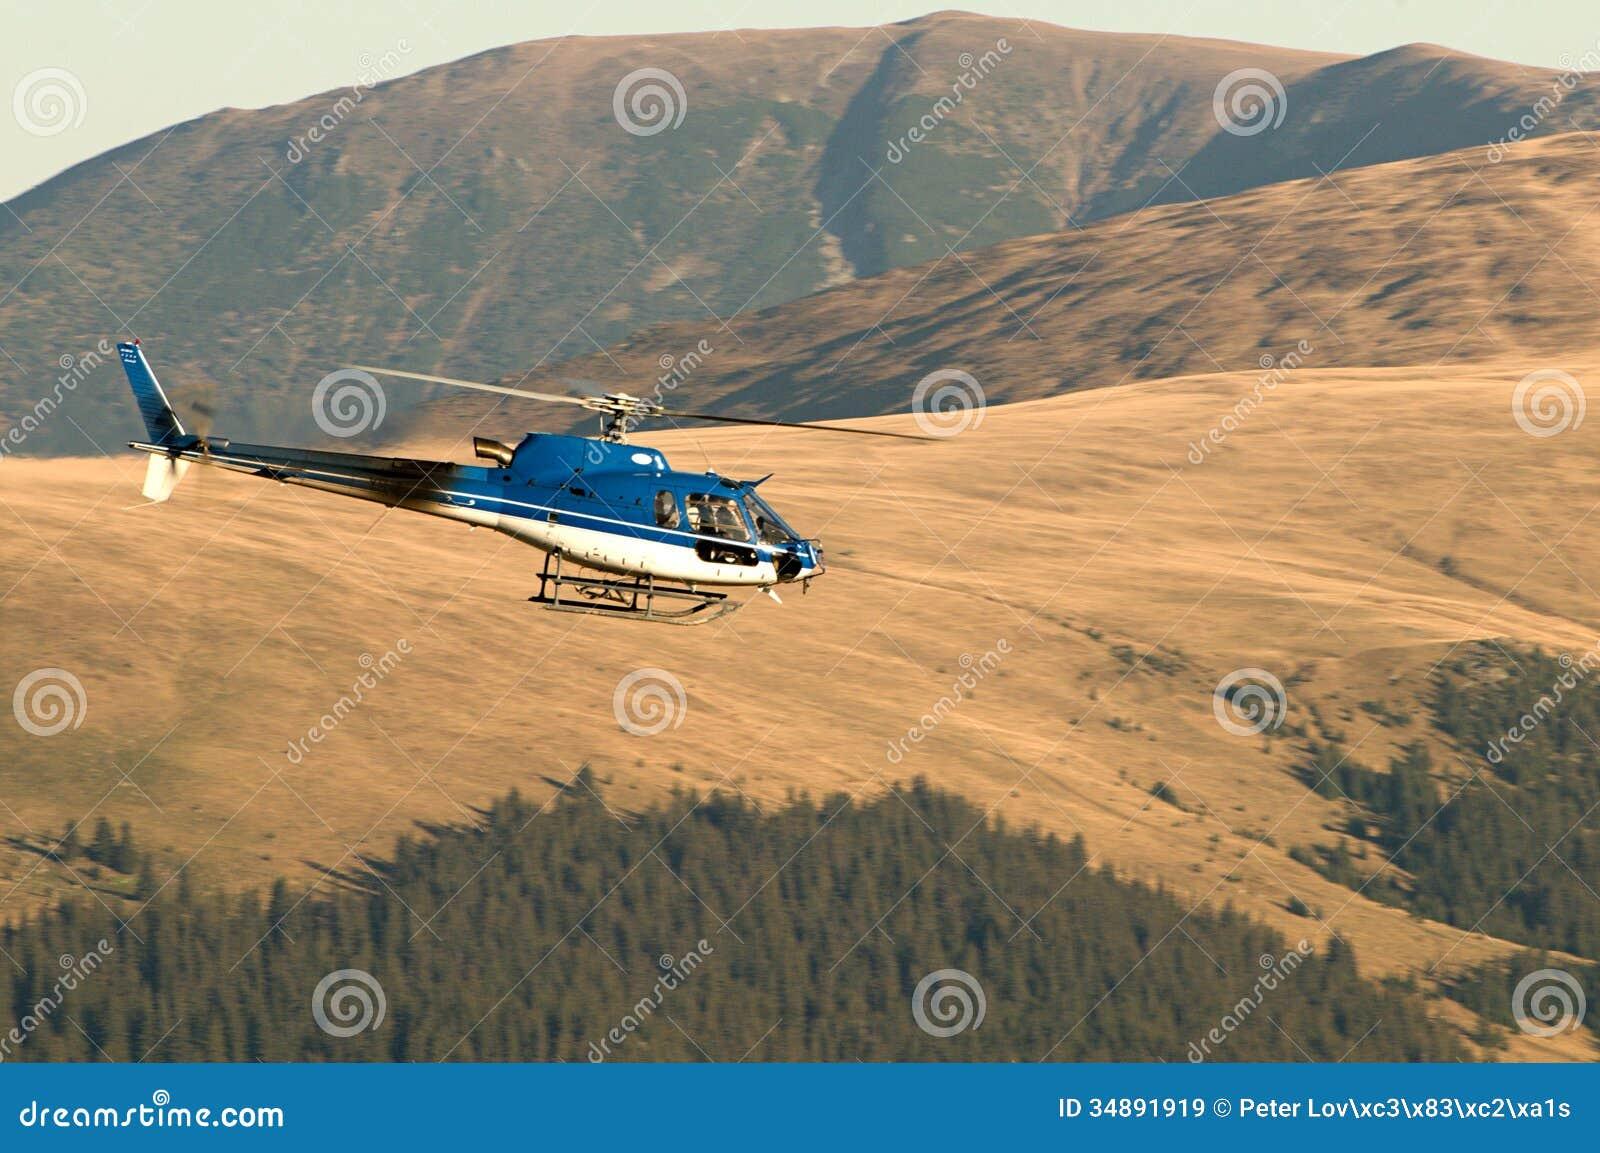 Elicottero B3 : Elicottero ecureuil as b in volo immagine stock editoriale